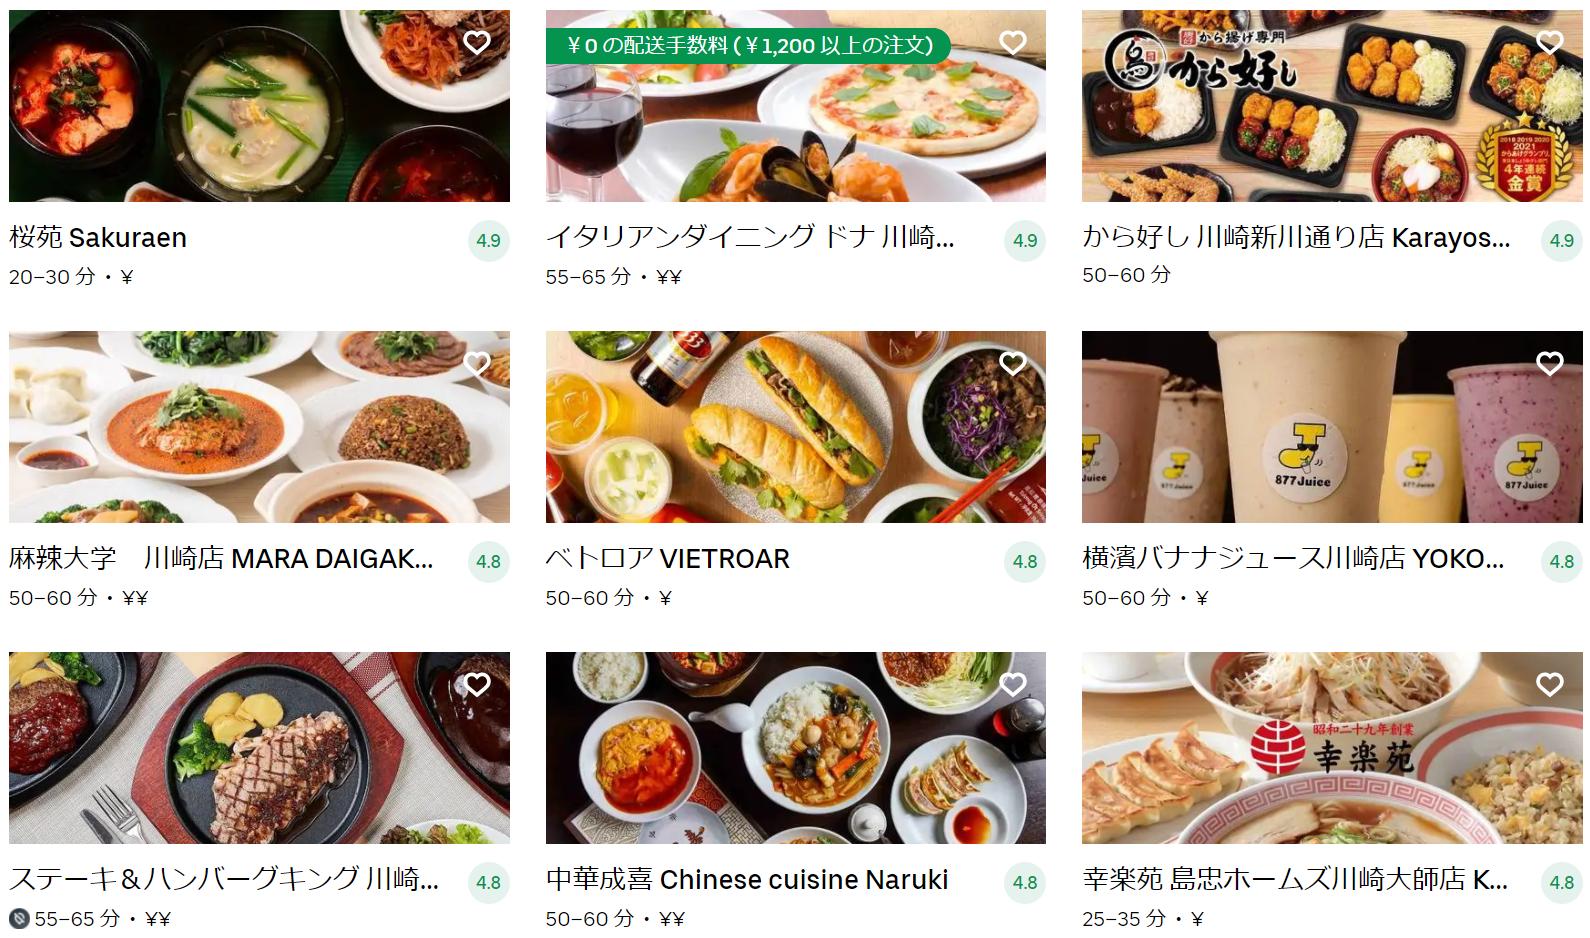 川崎区エリアのおすすめUber Eats(ウーバーイーツ)メニュー